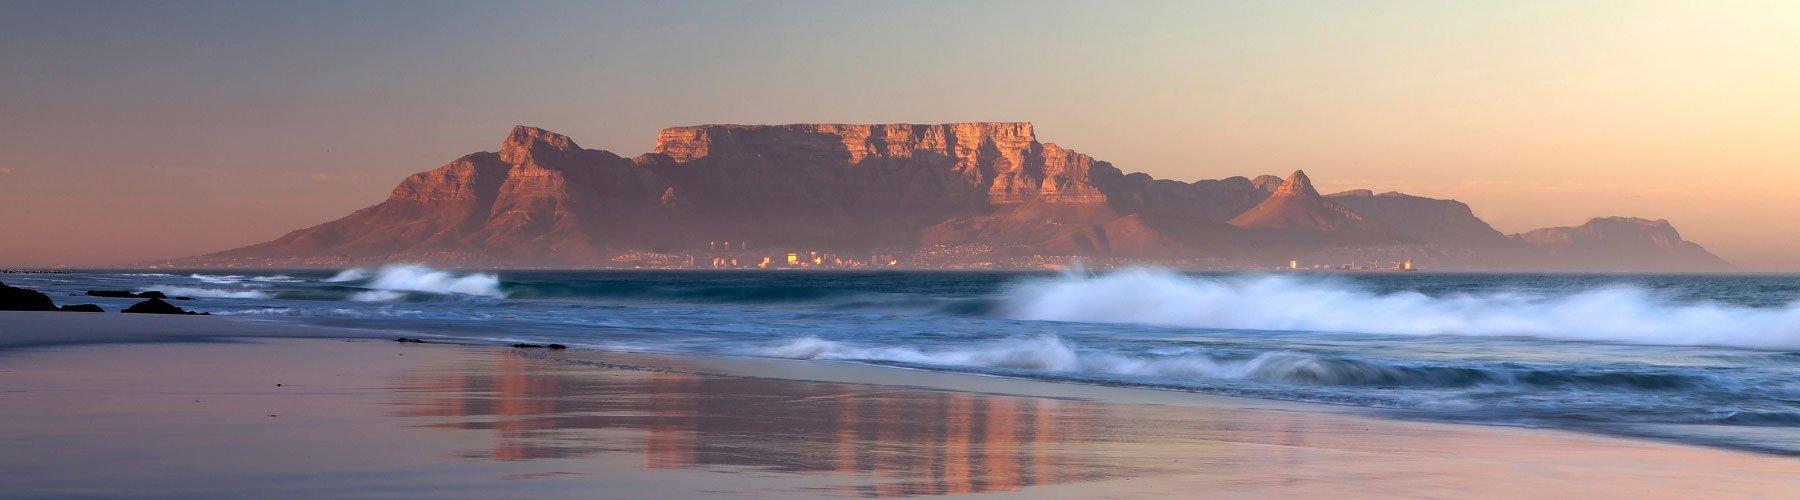 Cosa bisogna sapere per organizzare un viaggio in sud africa